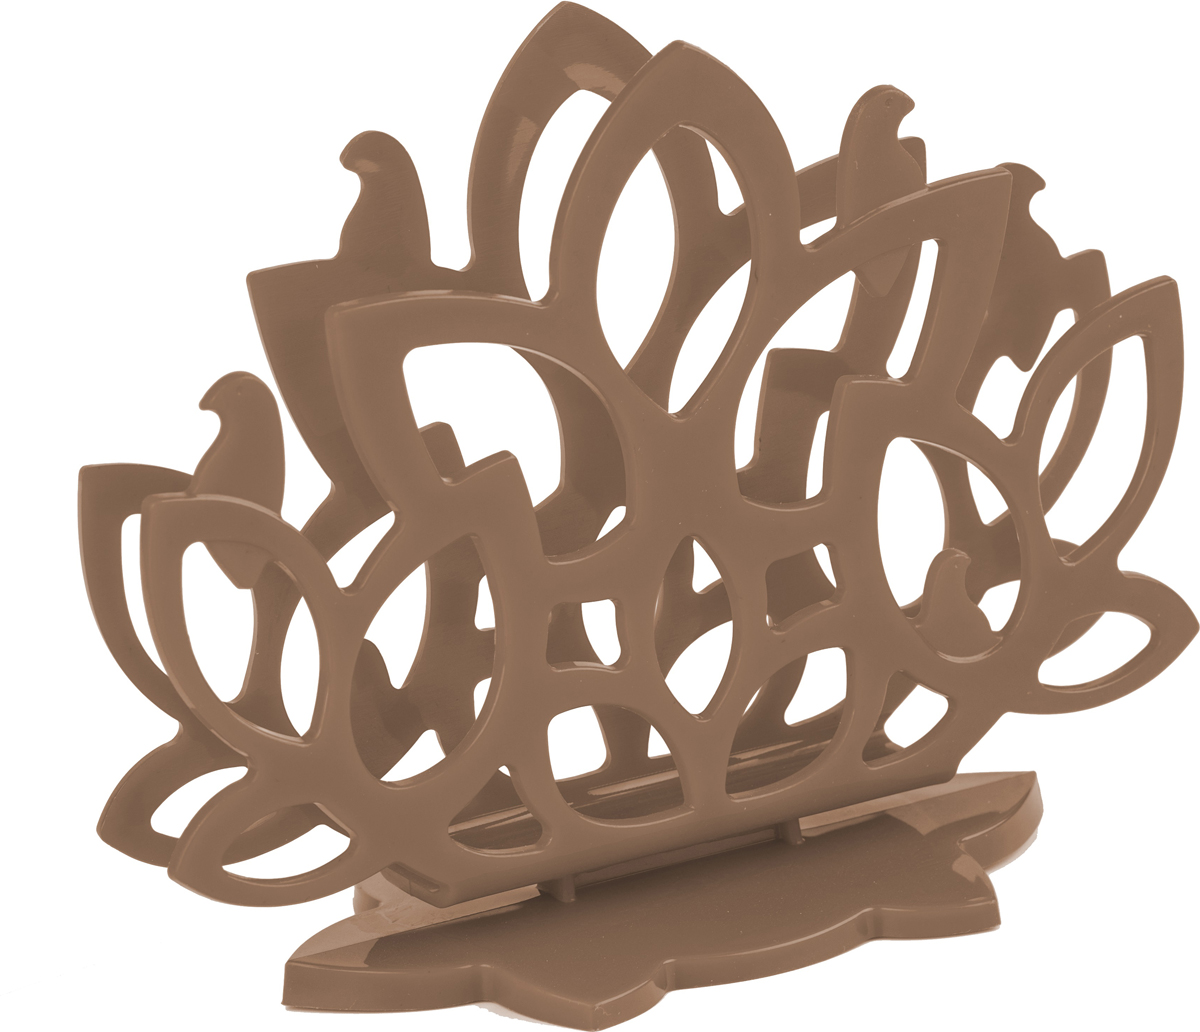 Салфетница Plastic Centre Камелия, цвет: кофейныйПЦ4053КФСалфетница из коллекции Камелия с авторским дизайном станет замечательной деталью сервировки и великолепным украшением праздничного и повседневного стола. Корпус имитирует пышную крону куста камелии, с сидящими на ветвях птицами. Изделие, несмотря на легкую конструкцию, отличается устойчивостью и удобством использования. Благодаря столь аккуратному дизайну, салфетница может использоваться как дома, так в барах, ресторанах, кафе.